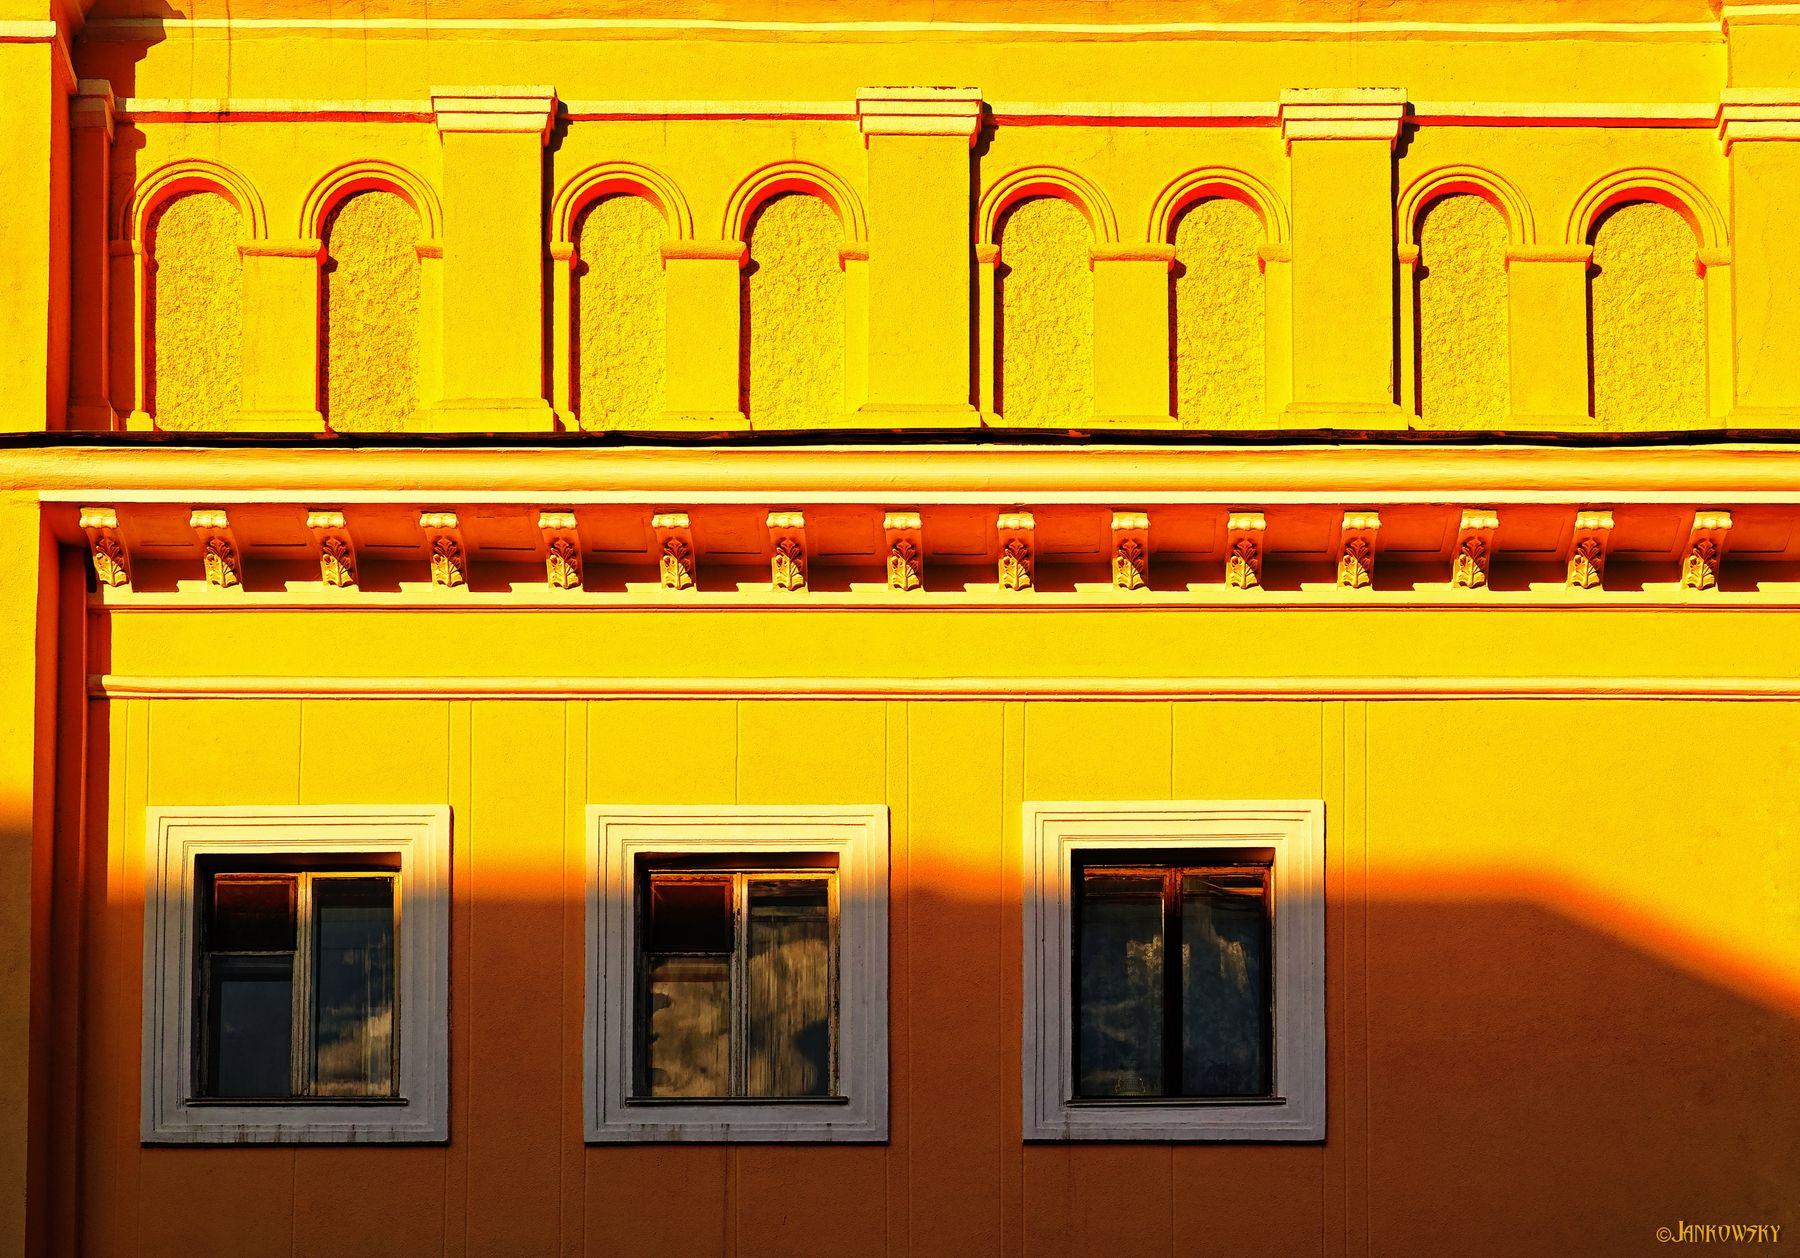 Эстетега омских фрагментов 7.06.20 омск фрагмент старый дом желтый арки три окна foveon sigma dp3 Quattro